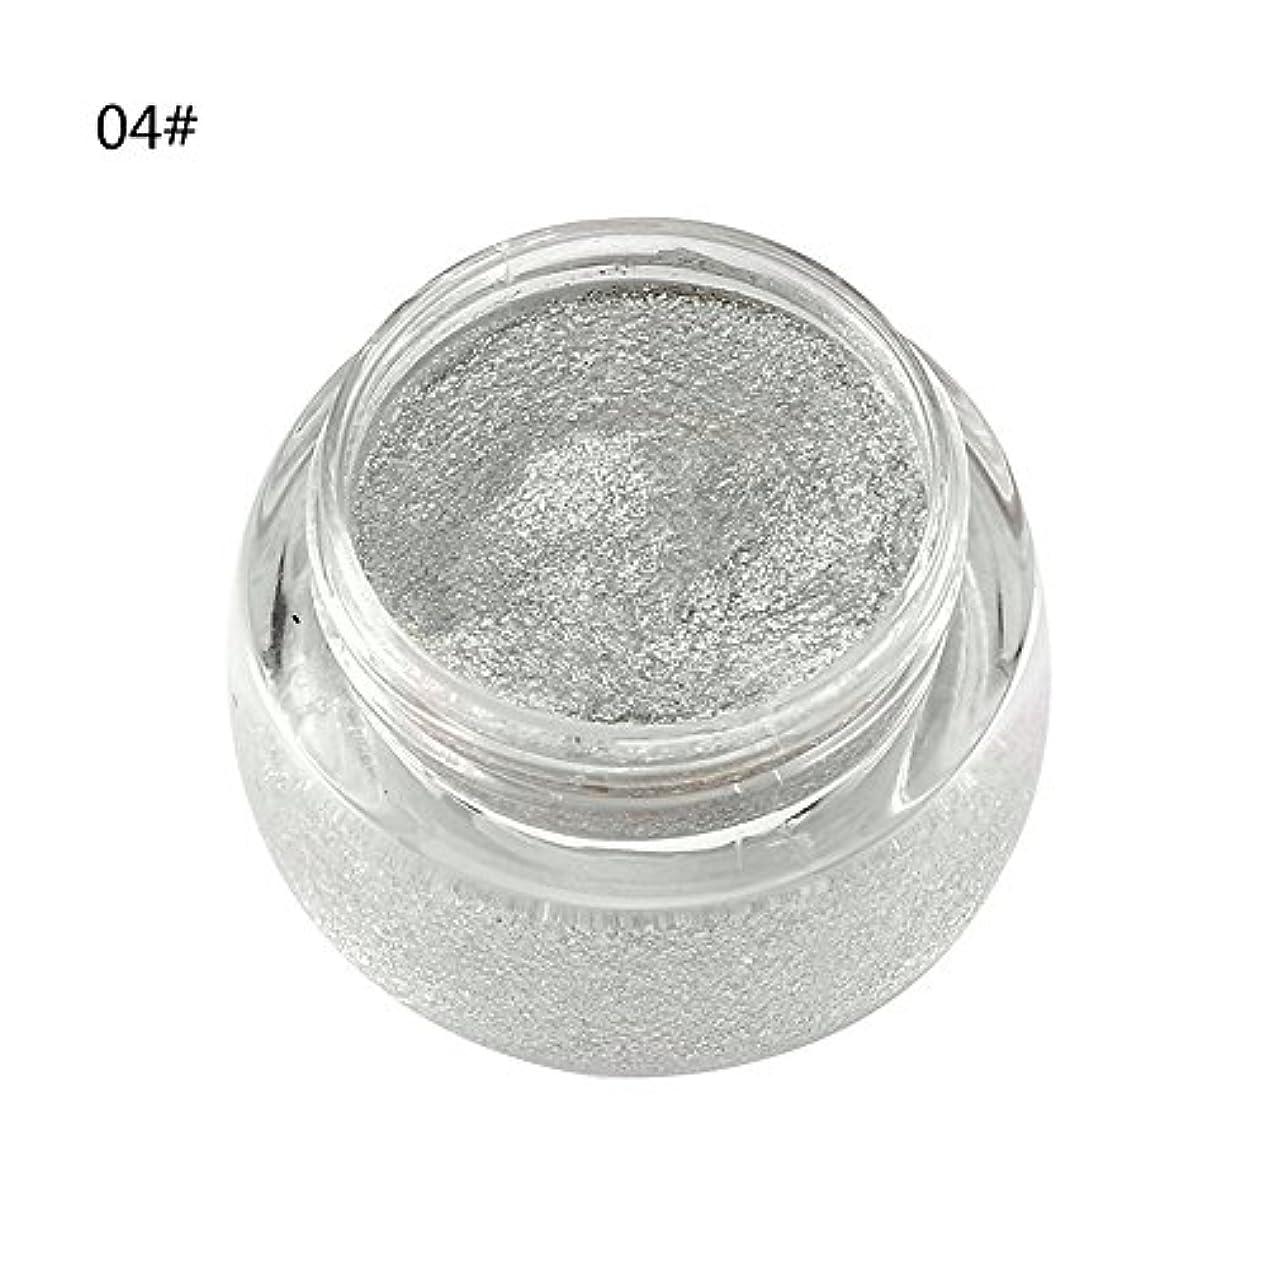 マイナー不愉快に繁栄するアイシャドウ 単色 化粧品 光沢 保湿 キラキラ 美しい タイプ 04